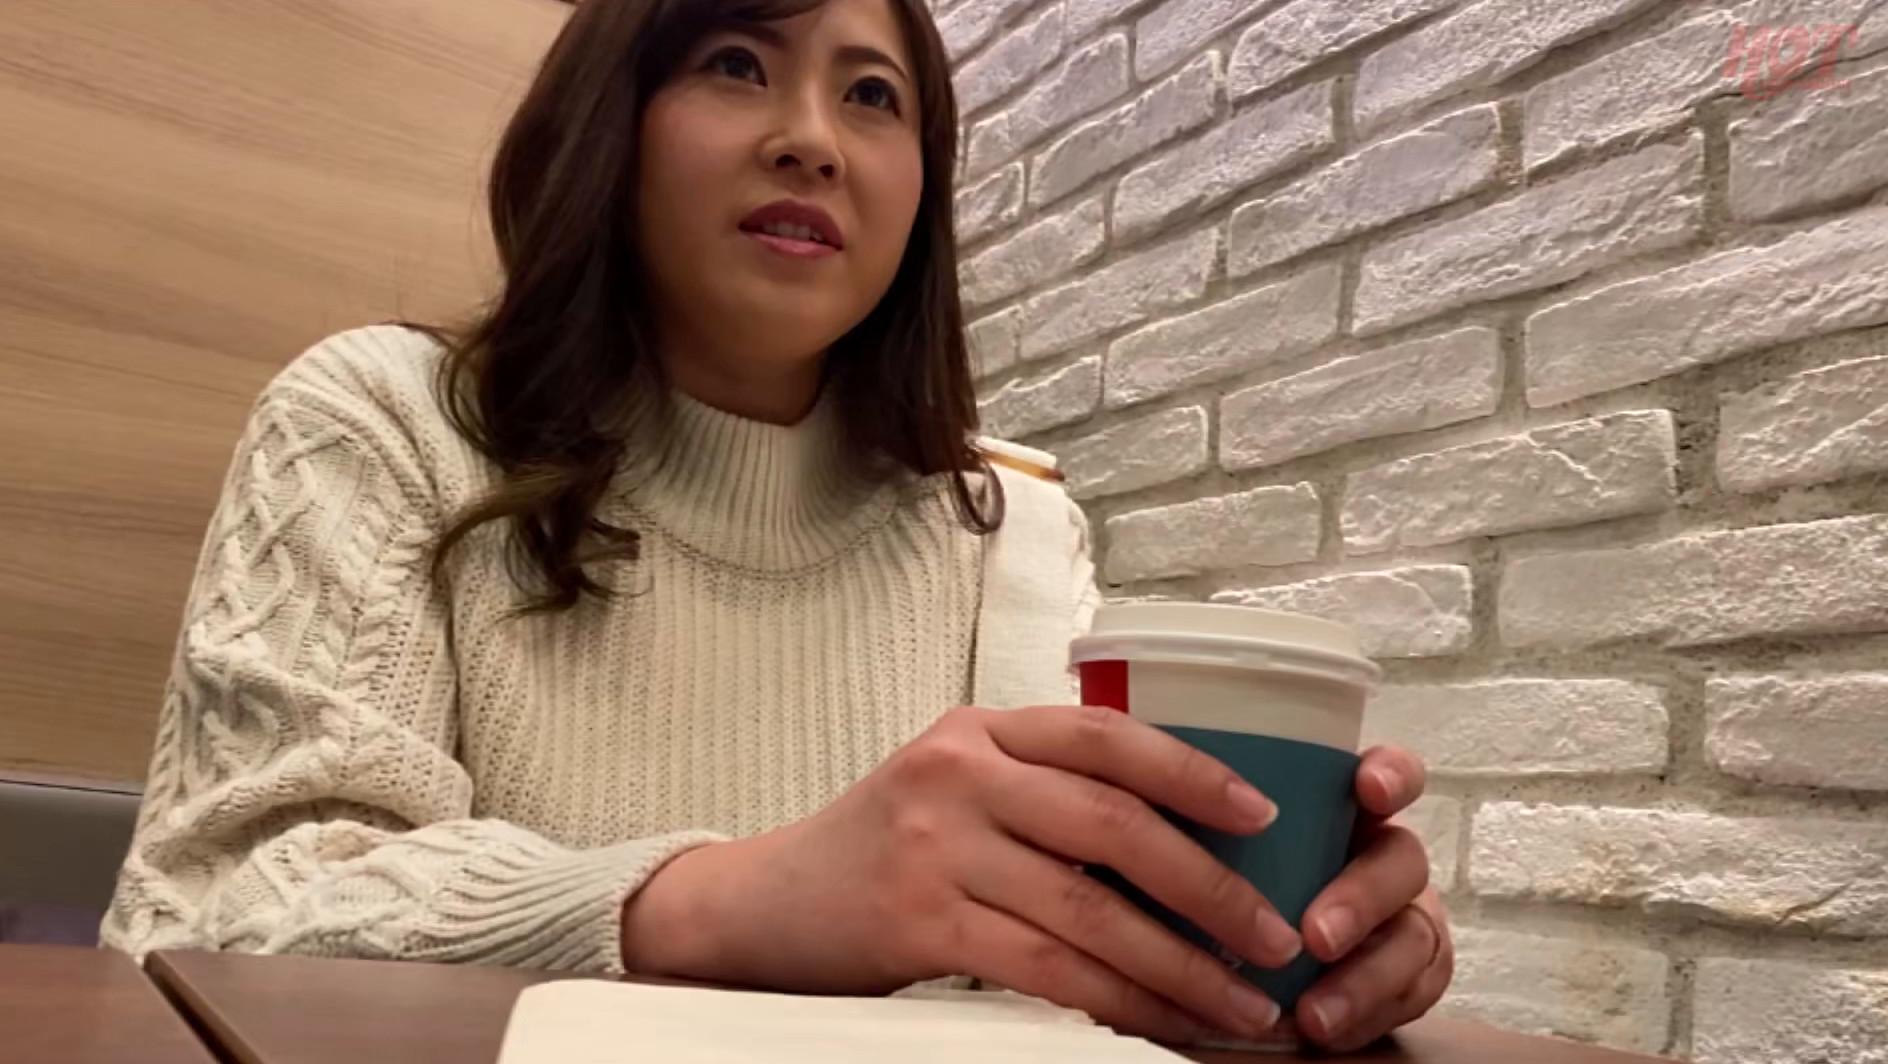 訳ありシロウト妻 出会い系アプリ課金でGETした令和美人妻 Vol.02 画像7